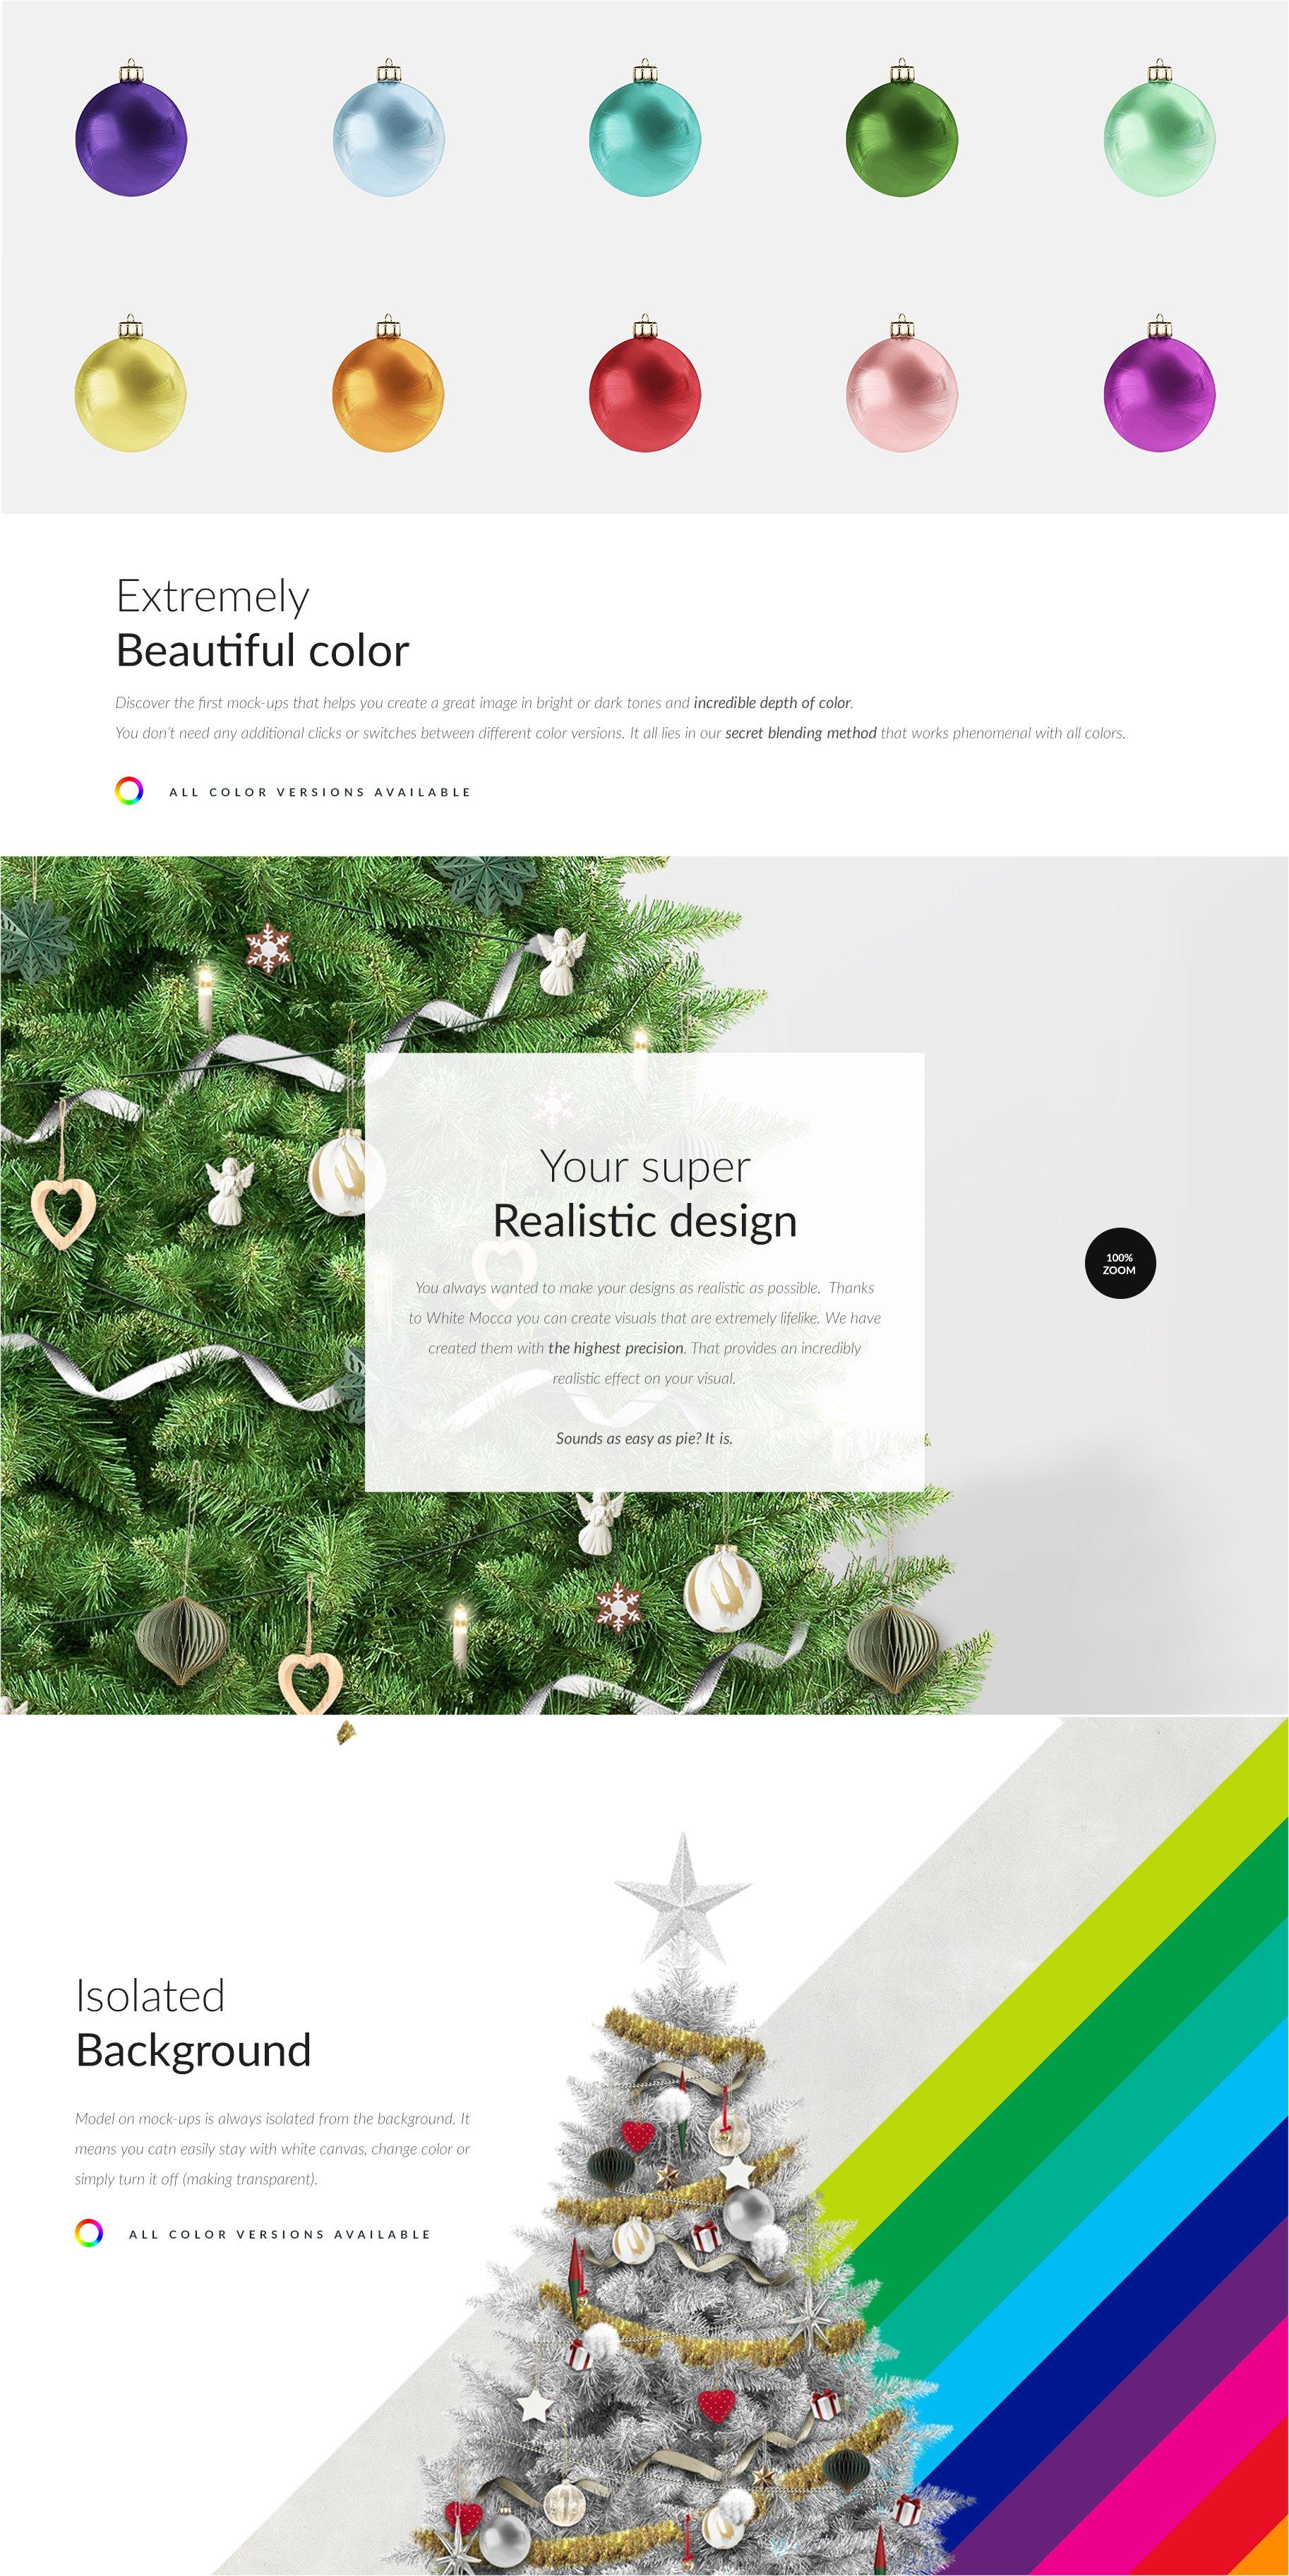 时尚圣诞树场景创造者装饰图案PSD素材 Christmas Tree Creator Mockup插图(4)